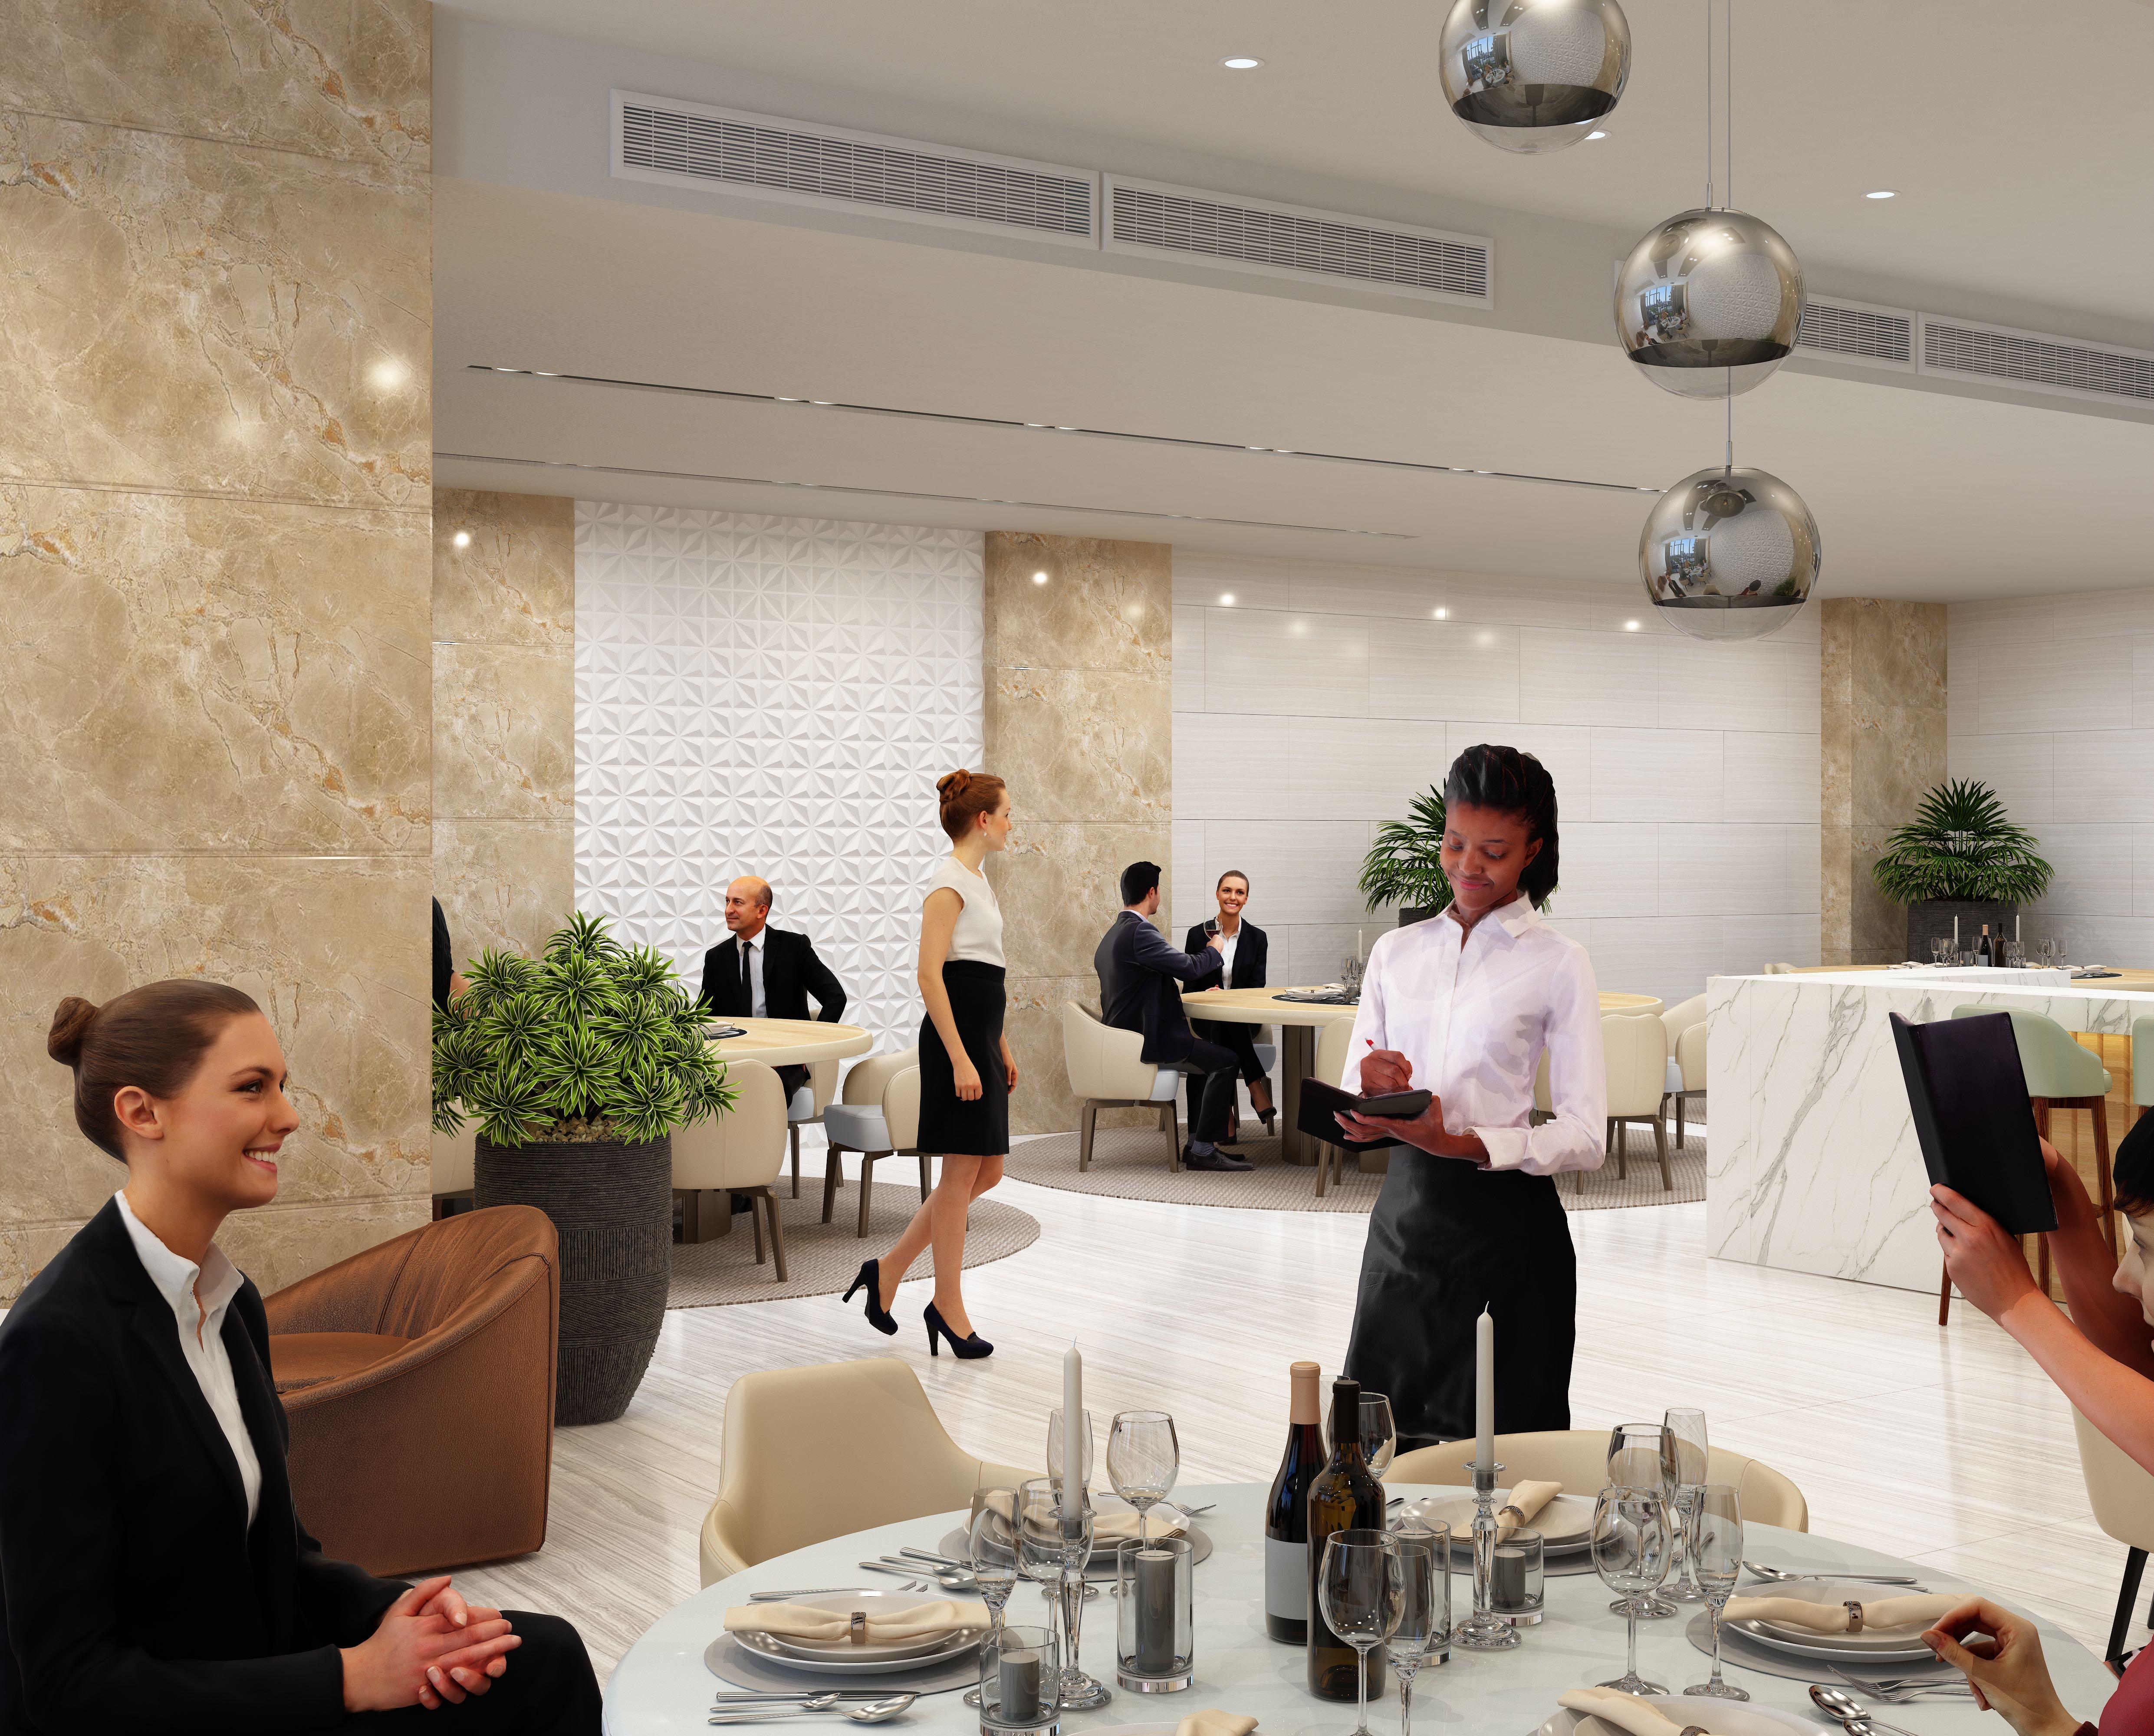 【アルバイト体験談インタビュー】配膳派遣スタッフとして多くの派遣先へ